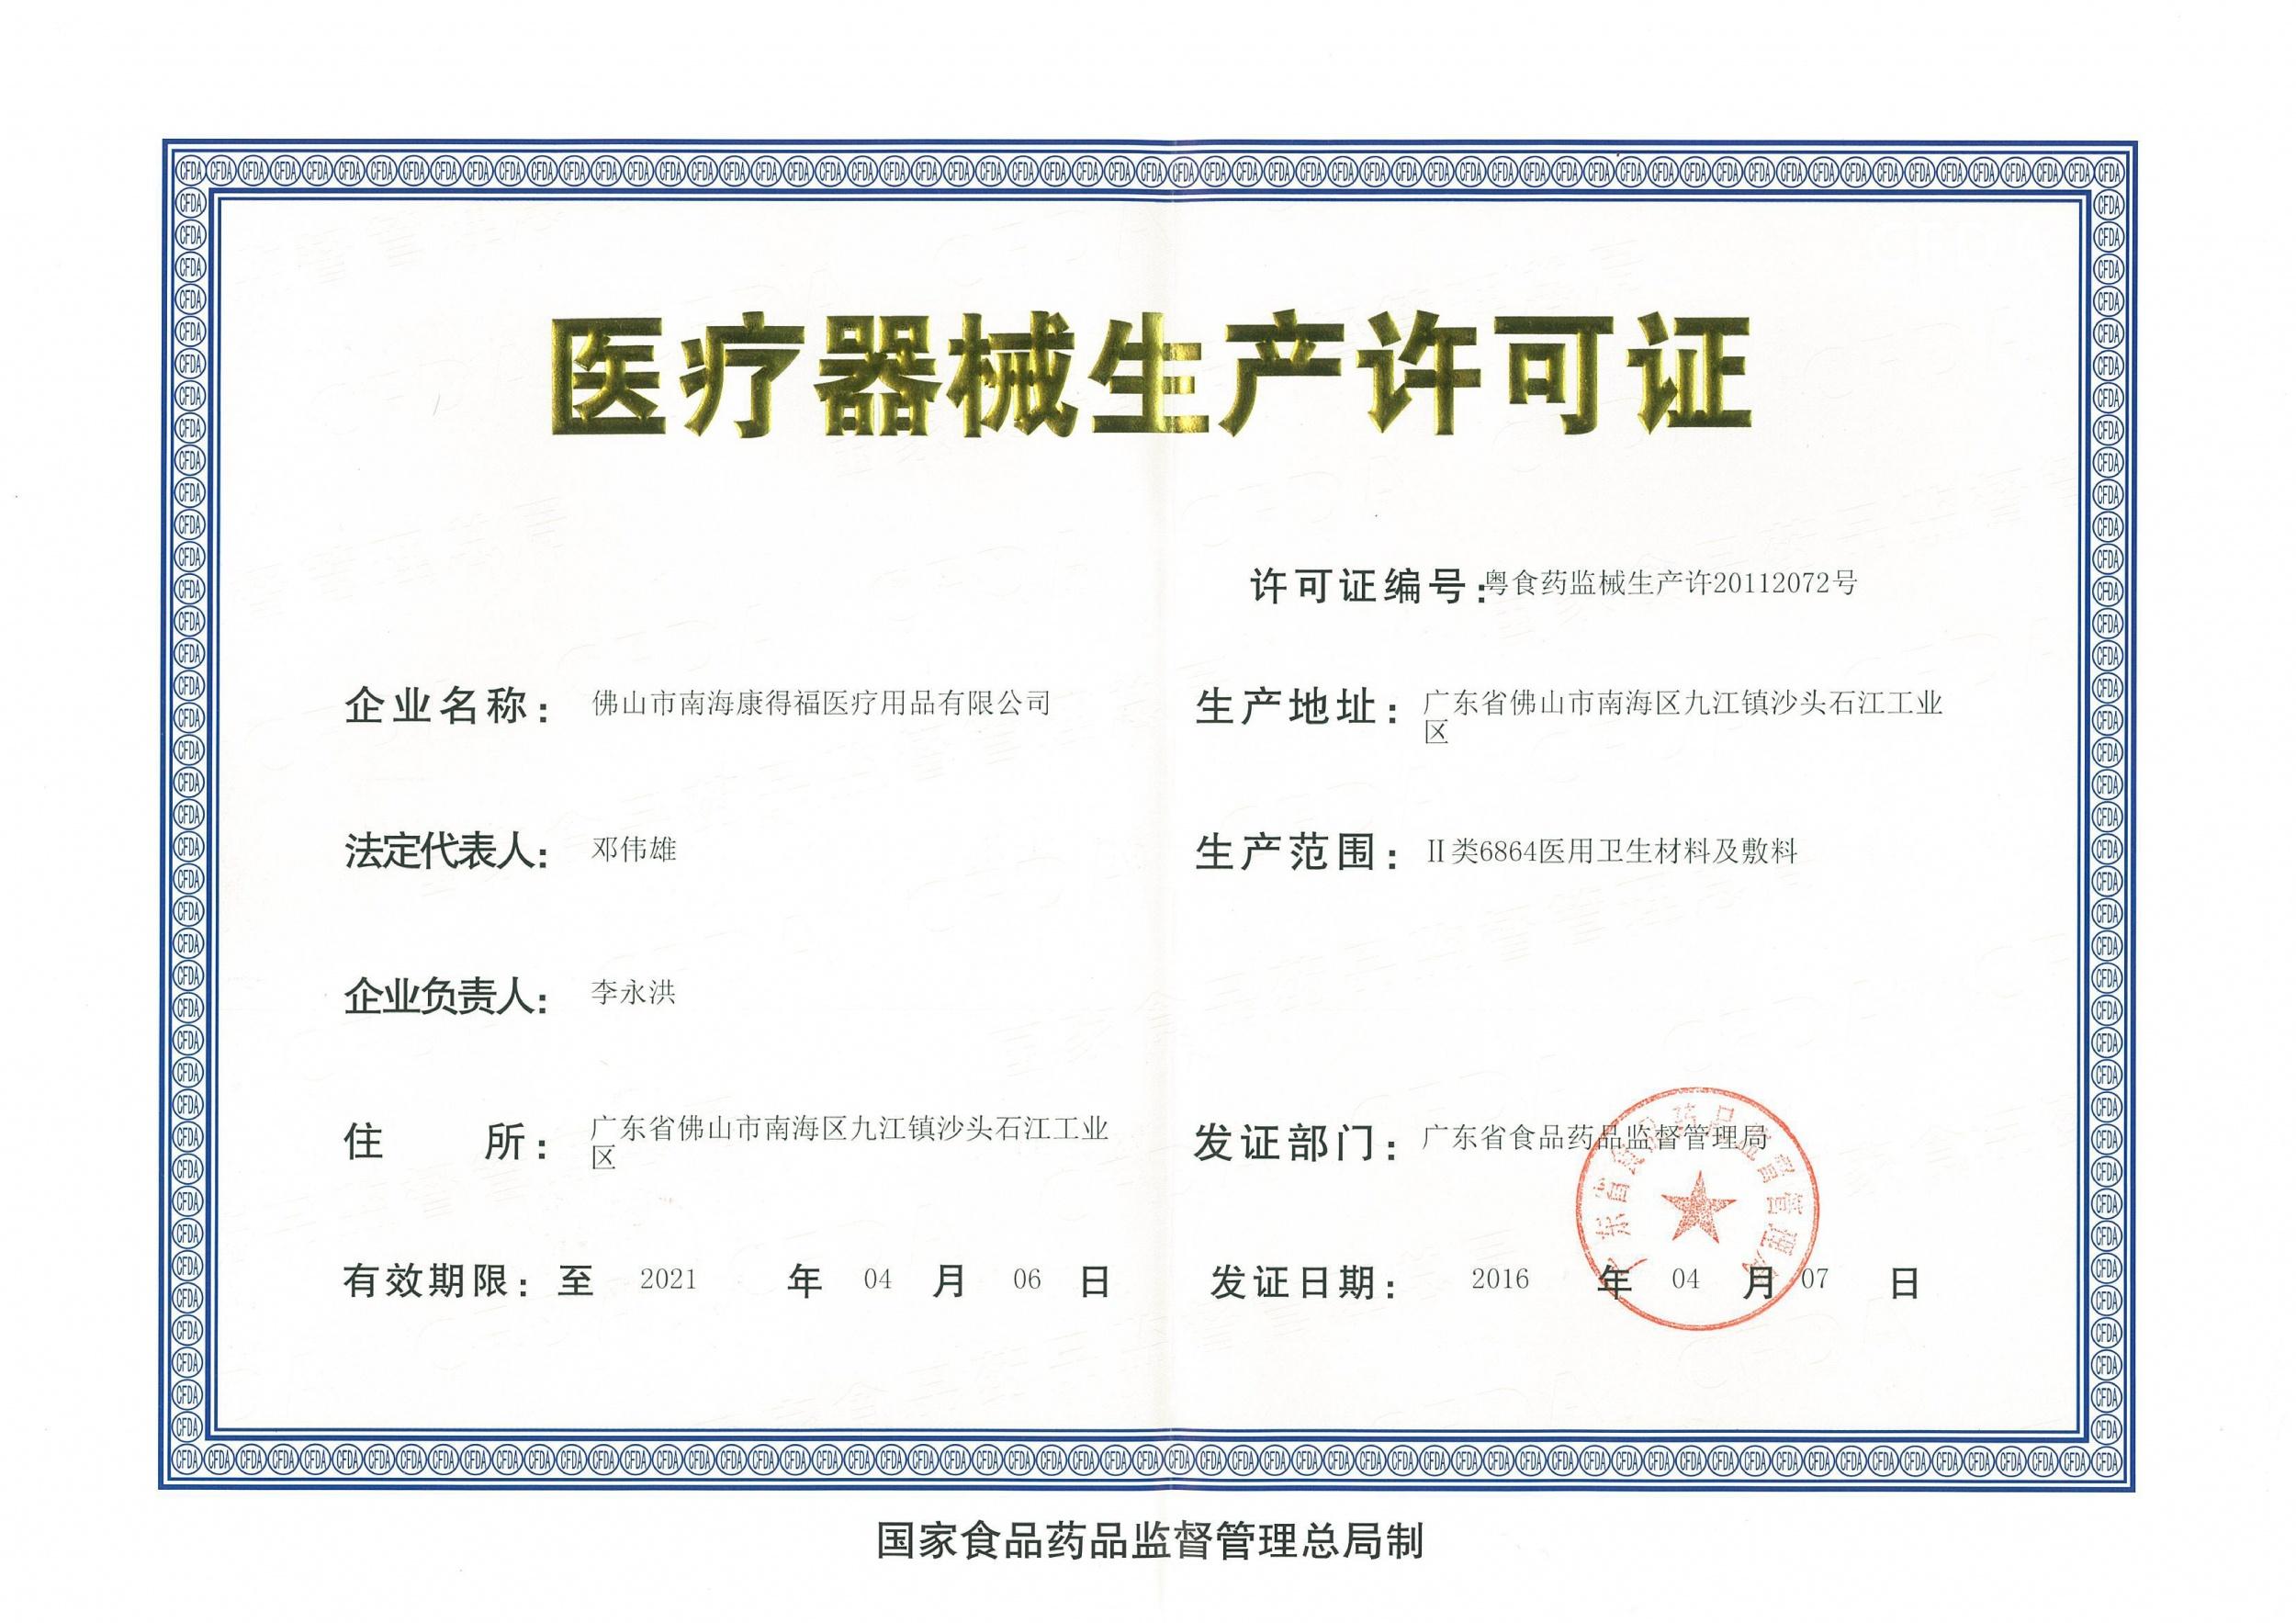 佛山康得福 生产许可证PDF